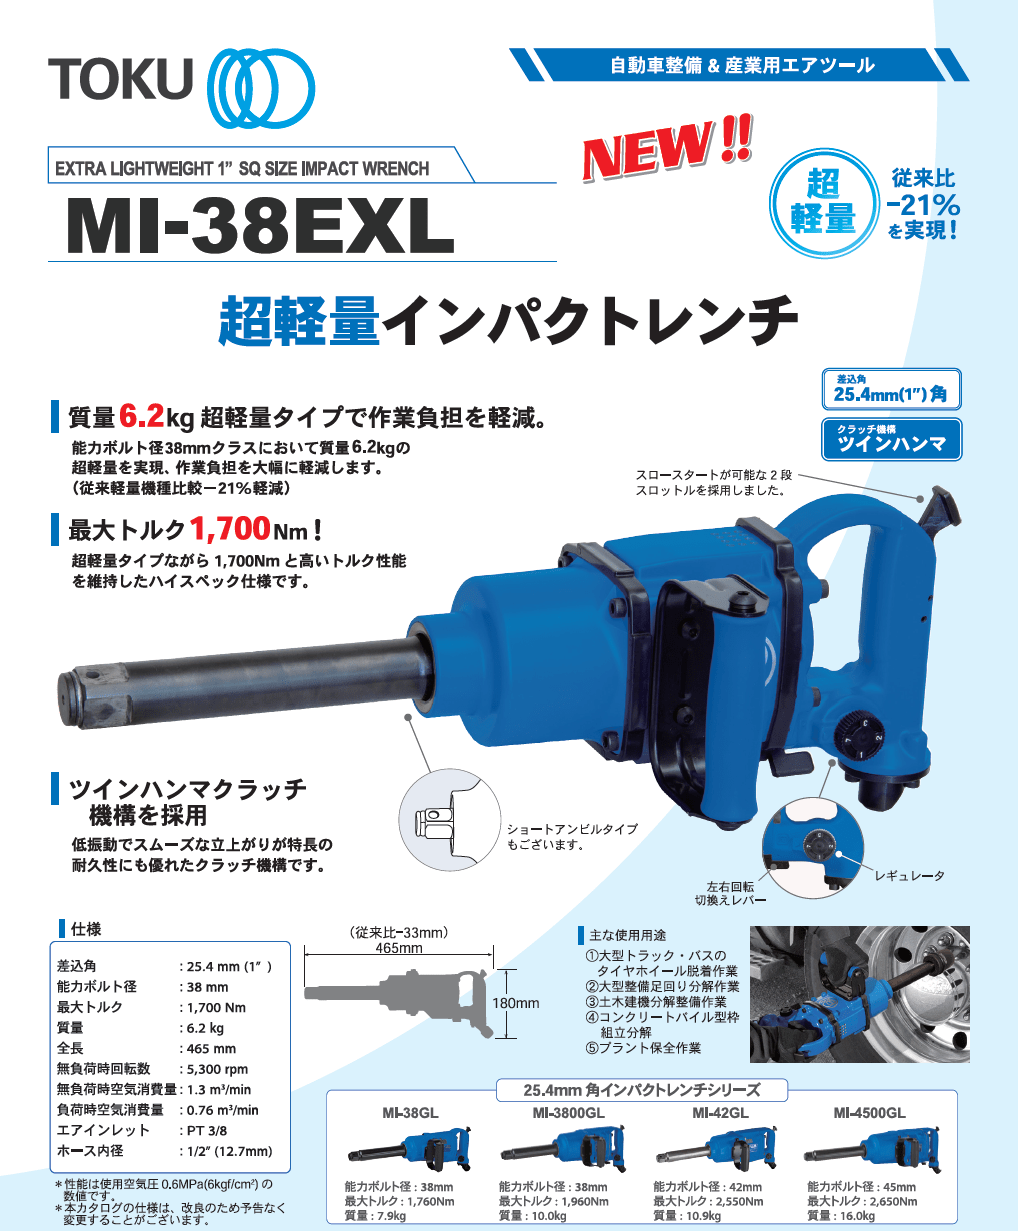 東空販売インパクトレンチMI-38EXLカタログ